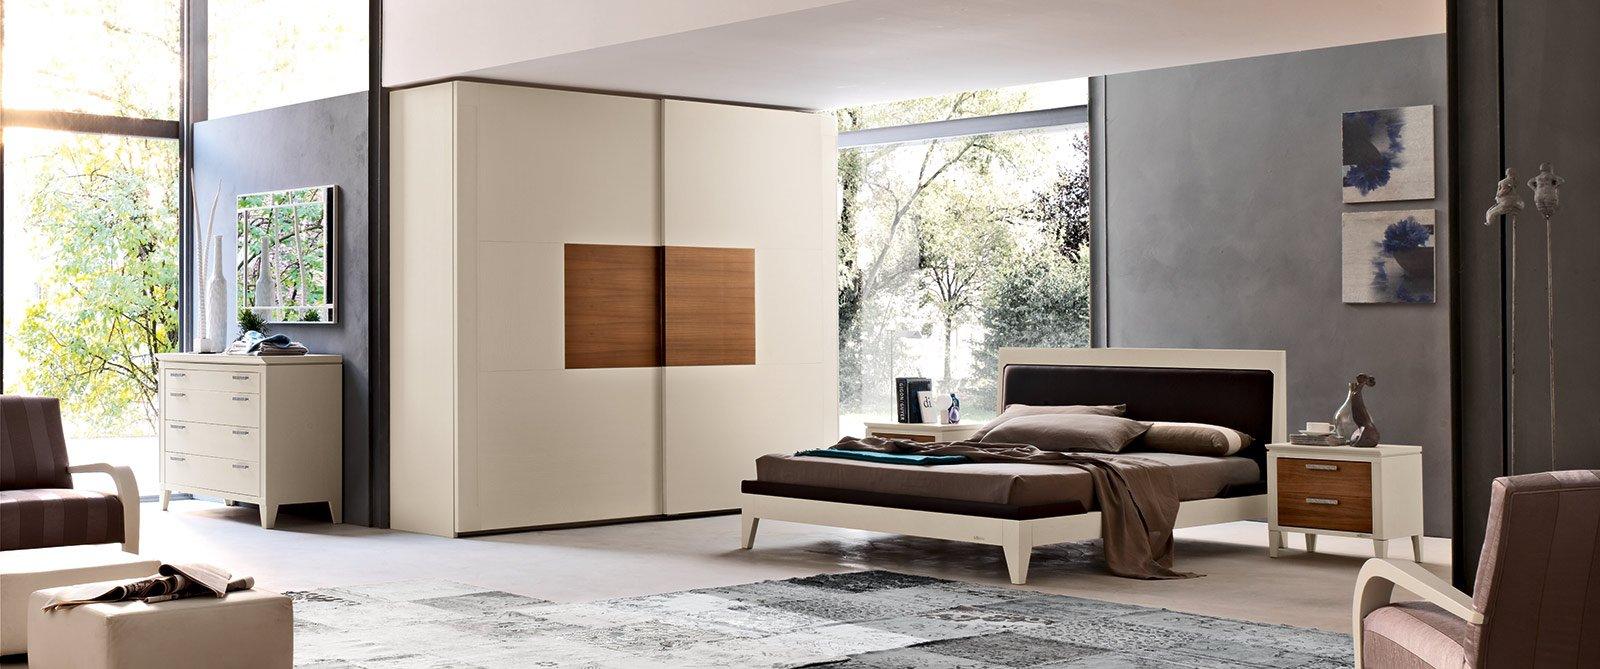 Camera da letto a tinte chiare cose di casa for Case arredate ikea